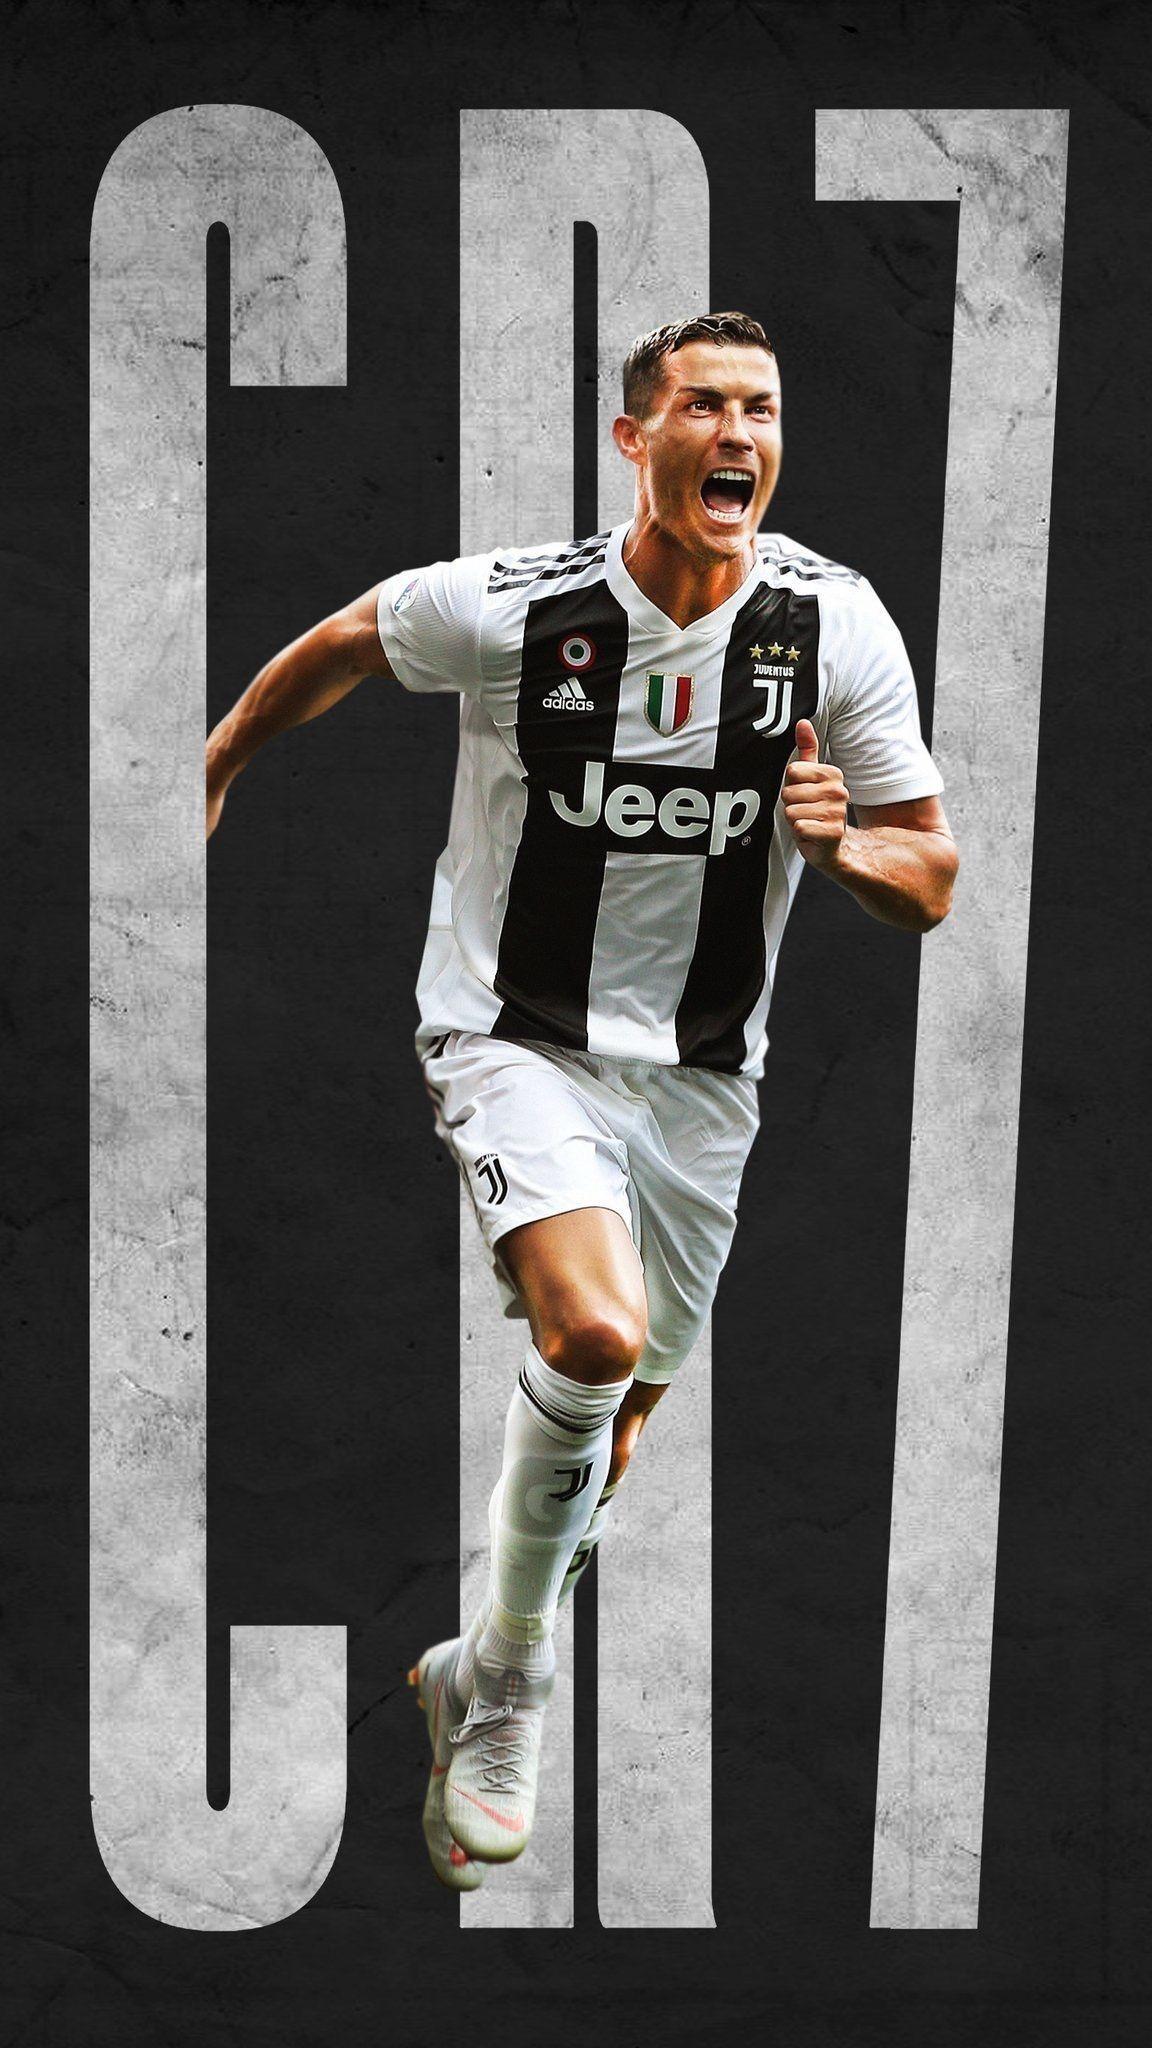 Cristiano Ronaldo Juventus Wallpapers 11 Ronaldo Juventus Cristiano Ronaldo Juventus Cristiano Ronaldo